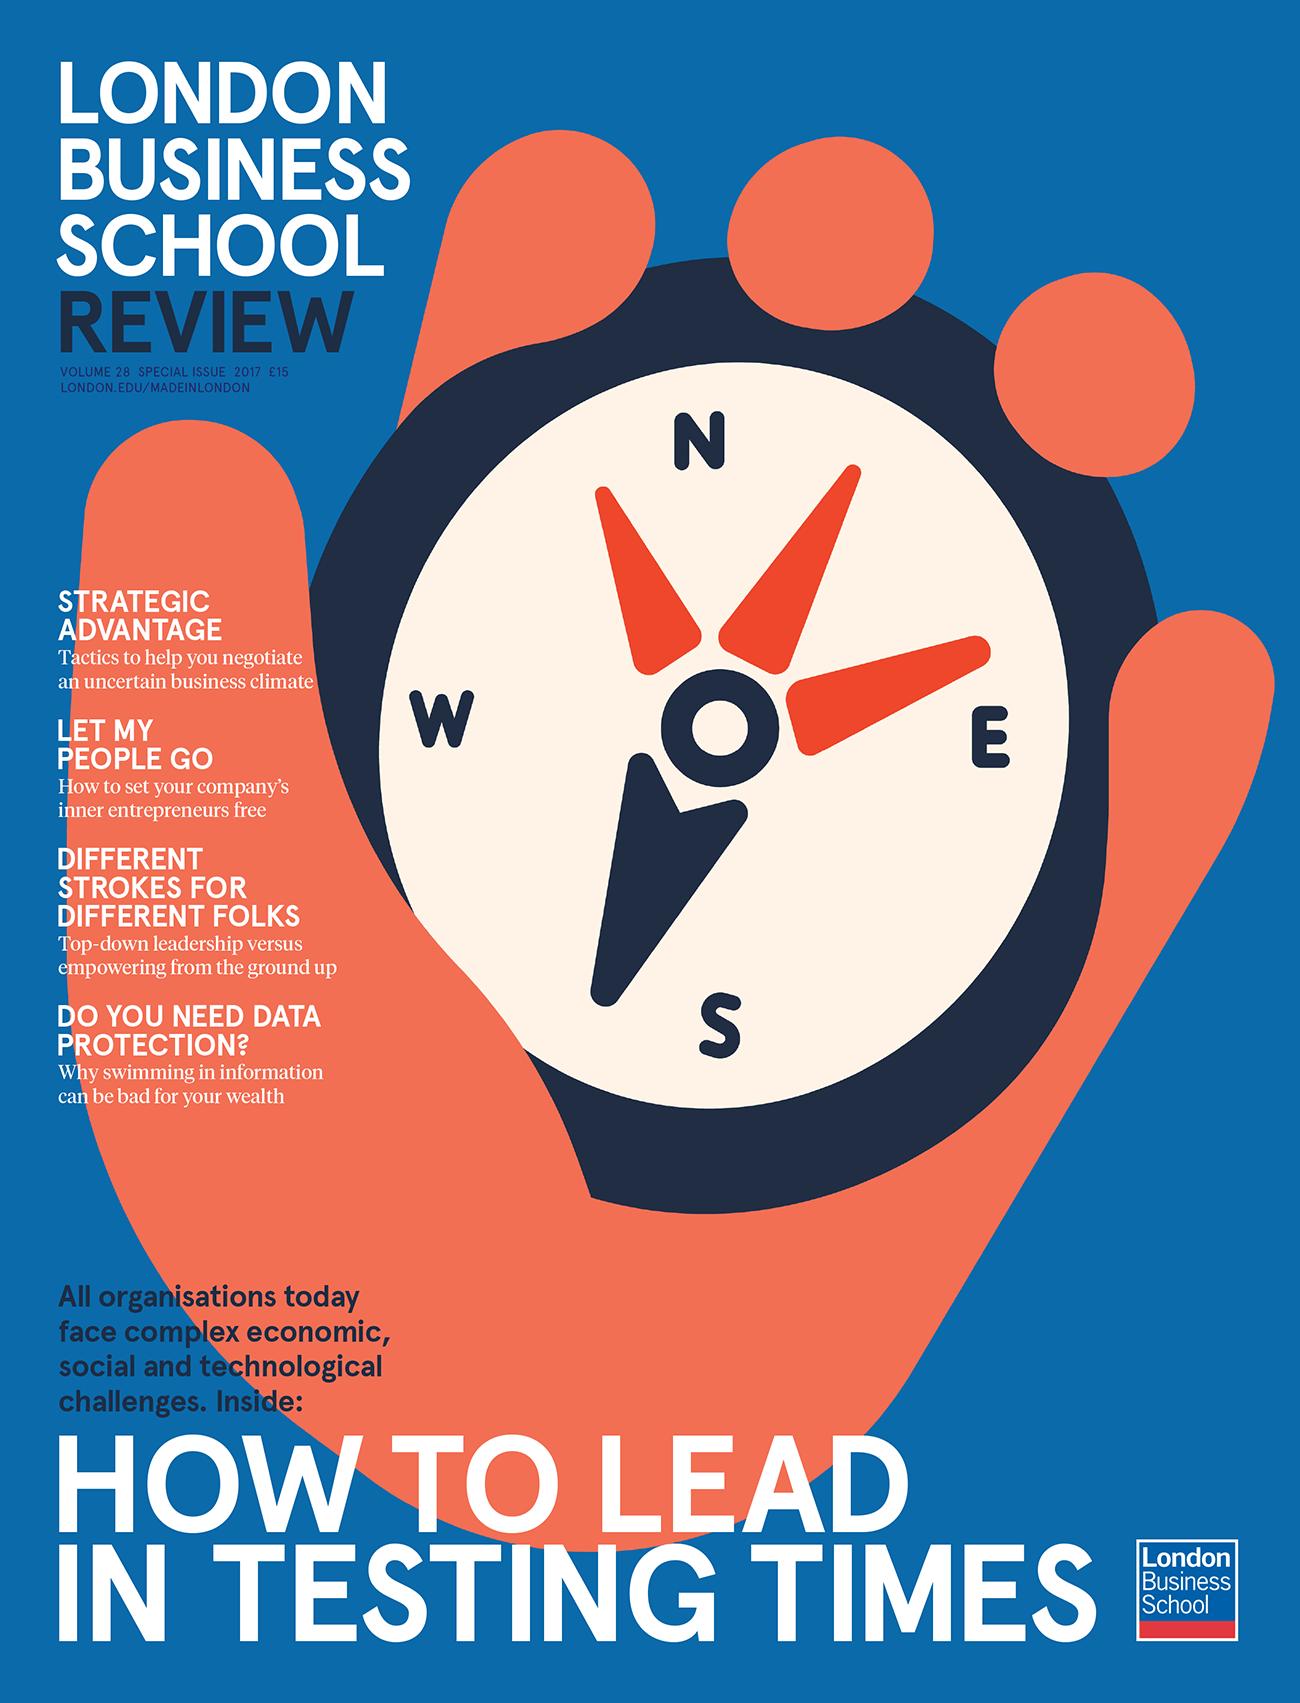 Lead in testing times. London Business School